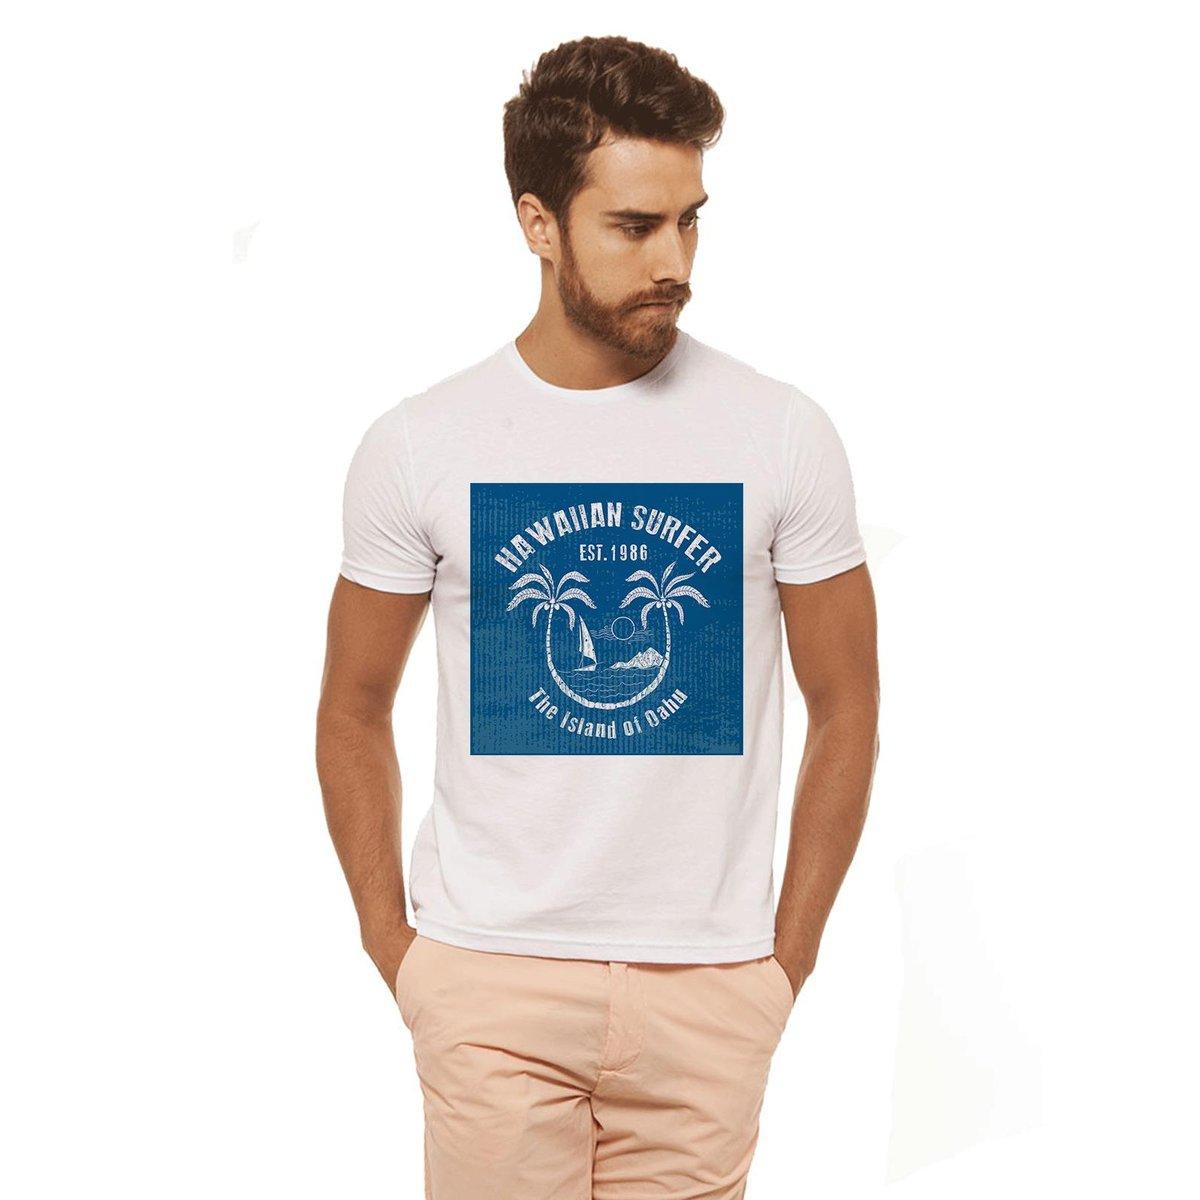 Surf Estampada Camiseta Camiseta Branca Branca Havaiian Branco Masculina Joss qt4T04